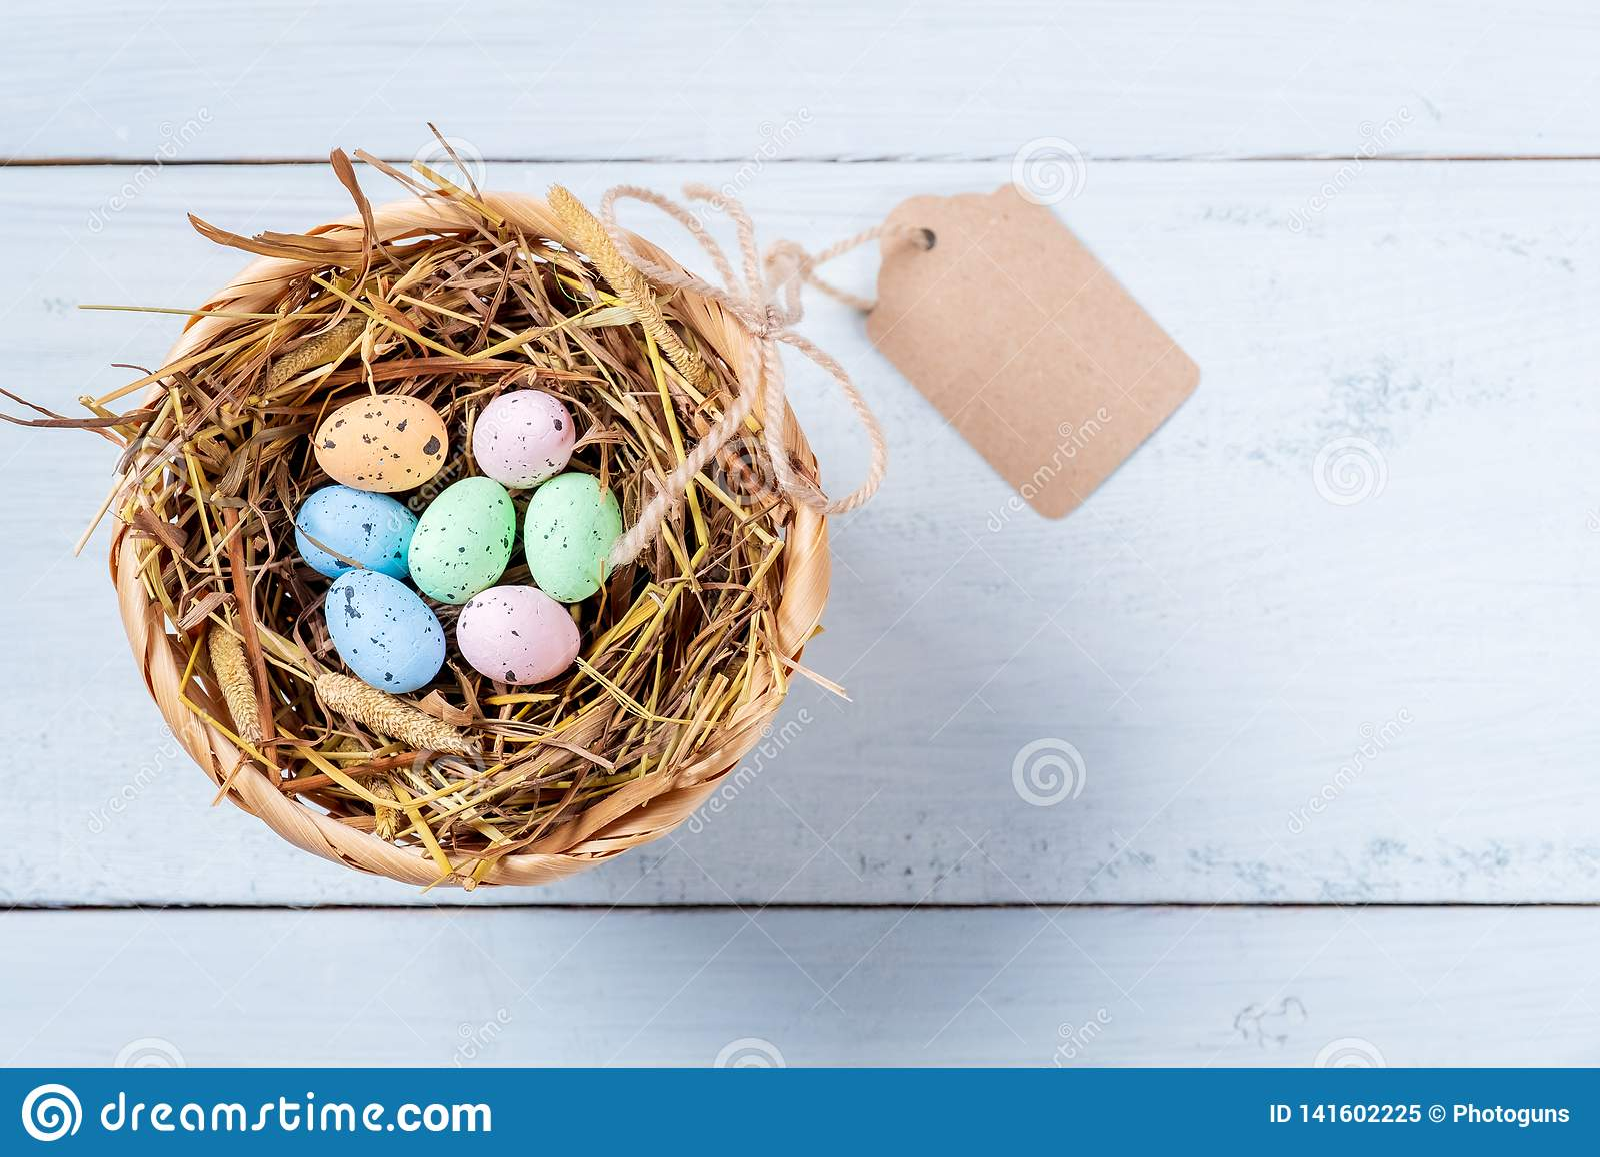 Bunte Easter Eggs im Nest des Strohs mit Umbau auf blauem hölzernem Hintergrund